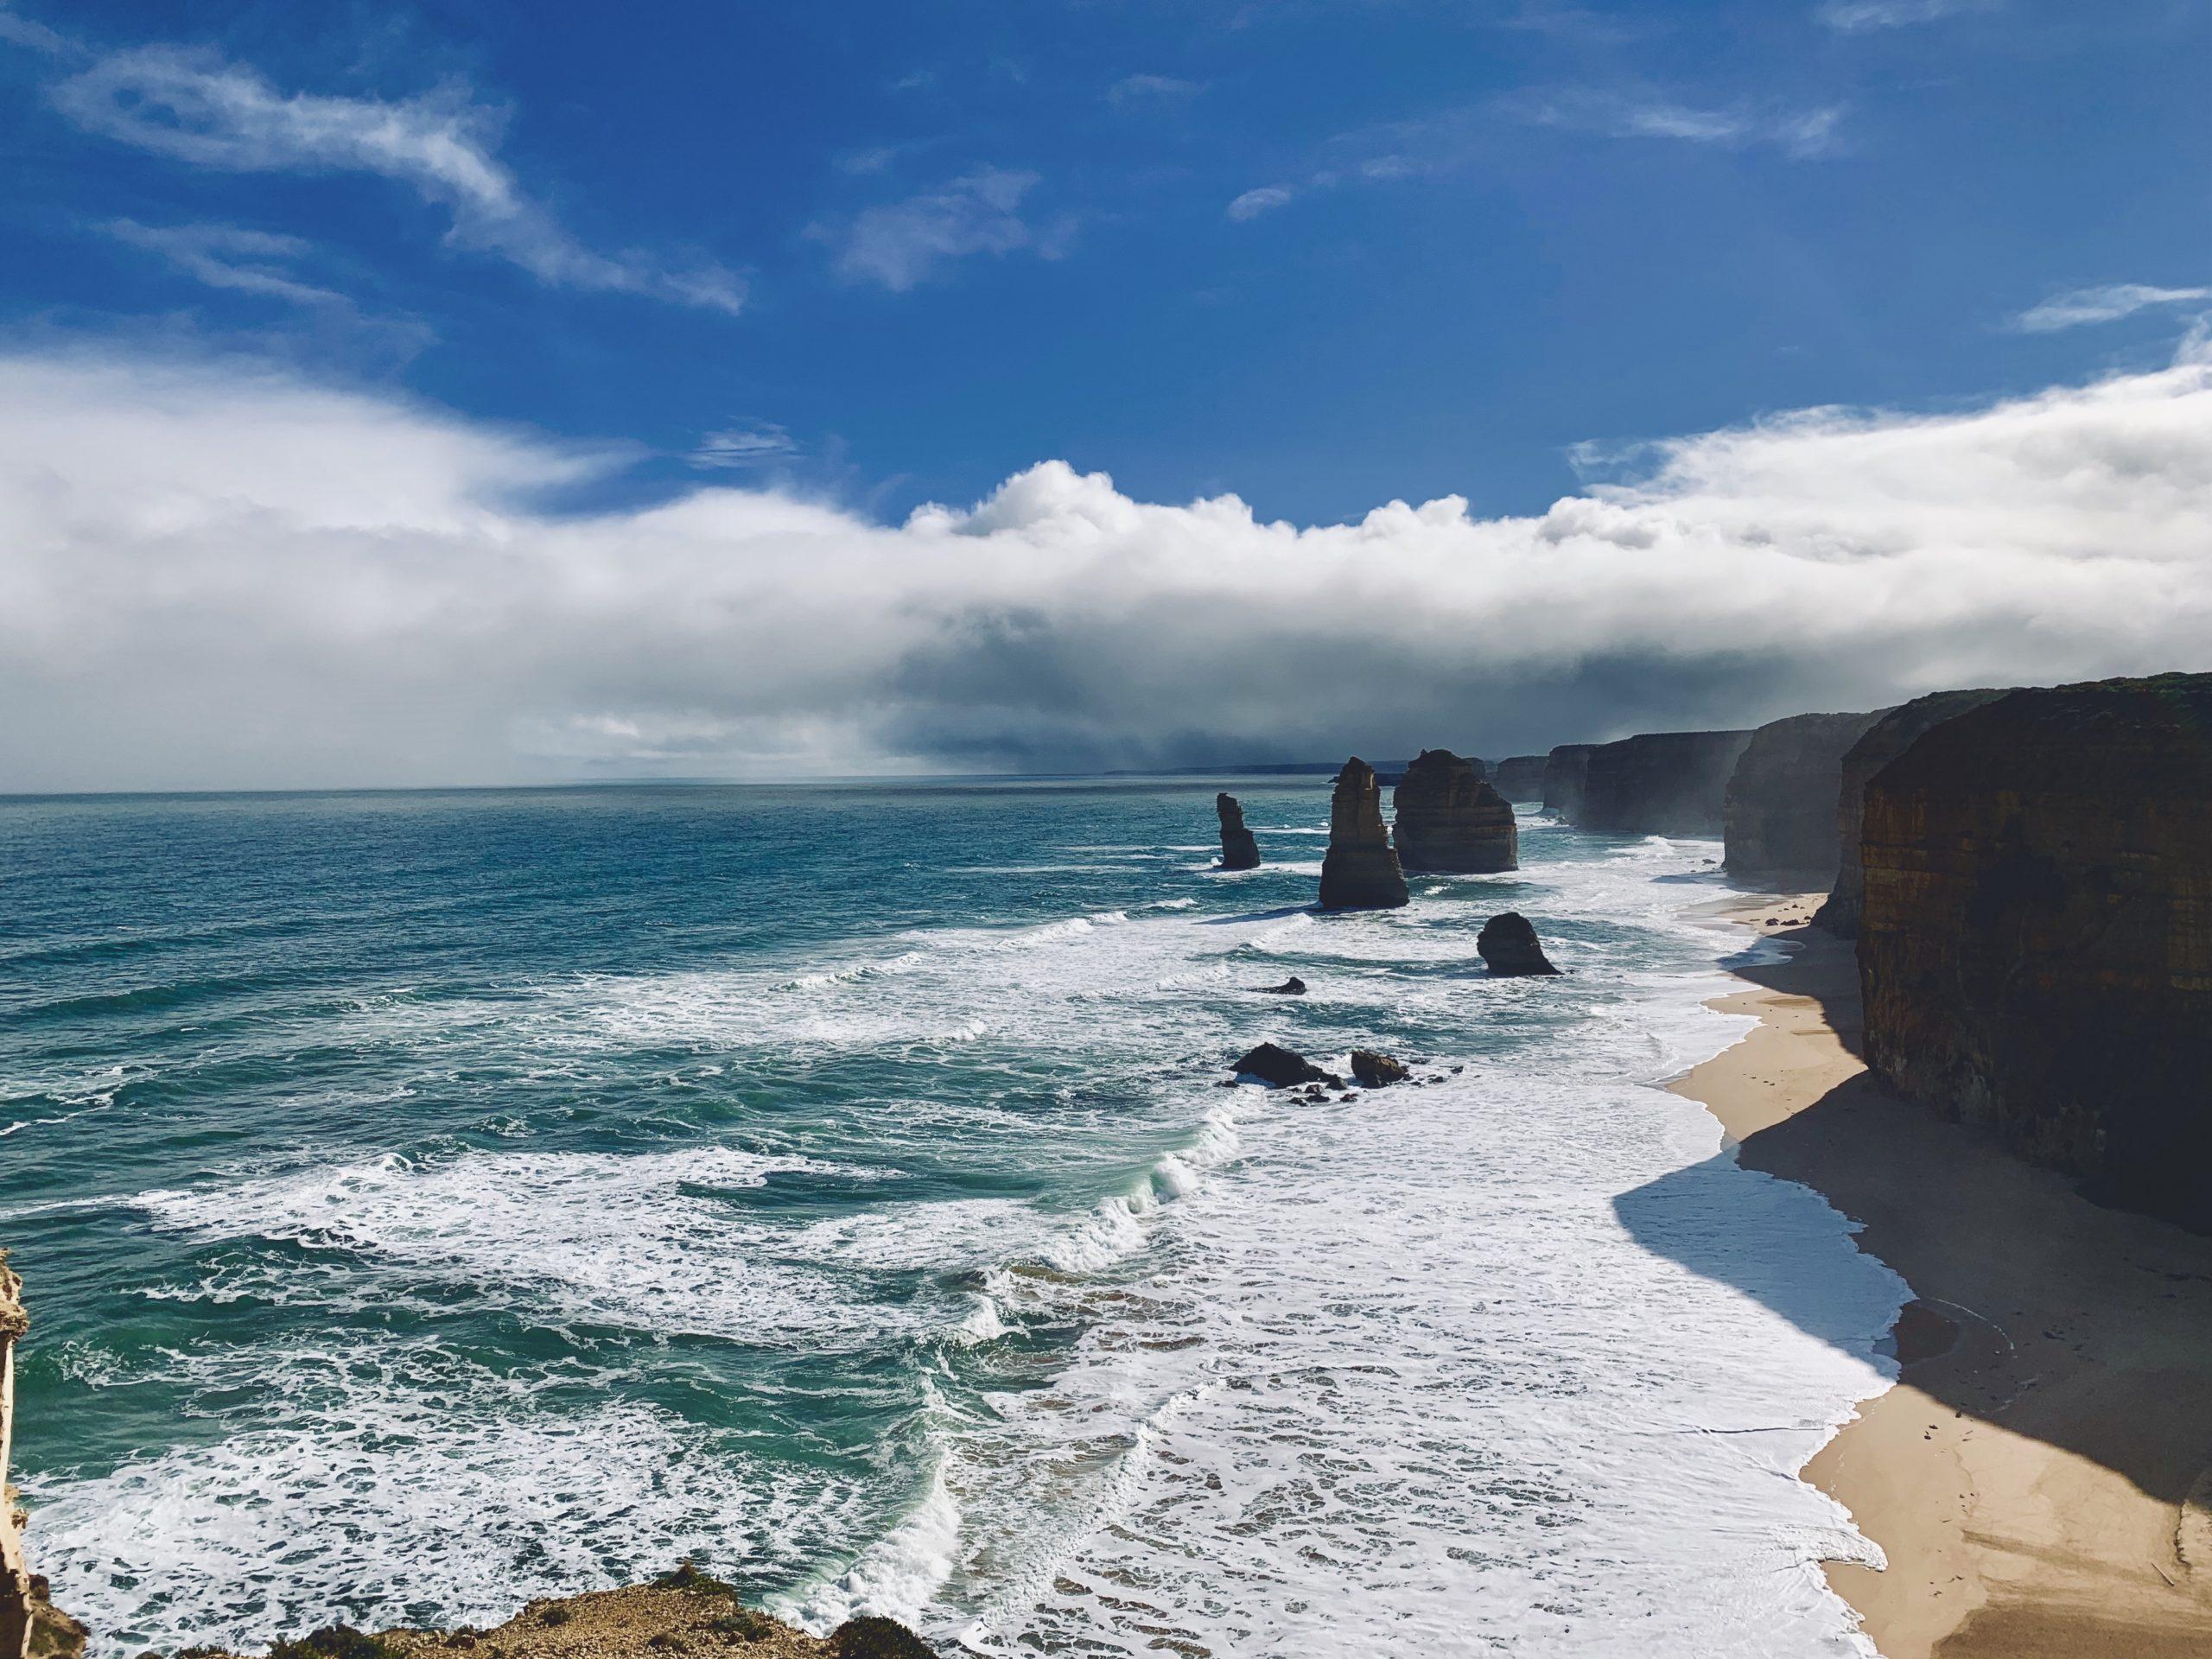 澳洲墨爾本|大洋路 B100號公路之必看壯麗景點及周邊飲食La Bimba(西班牙海鮮燉飯)